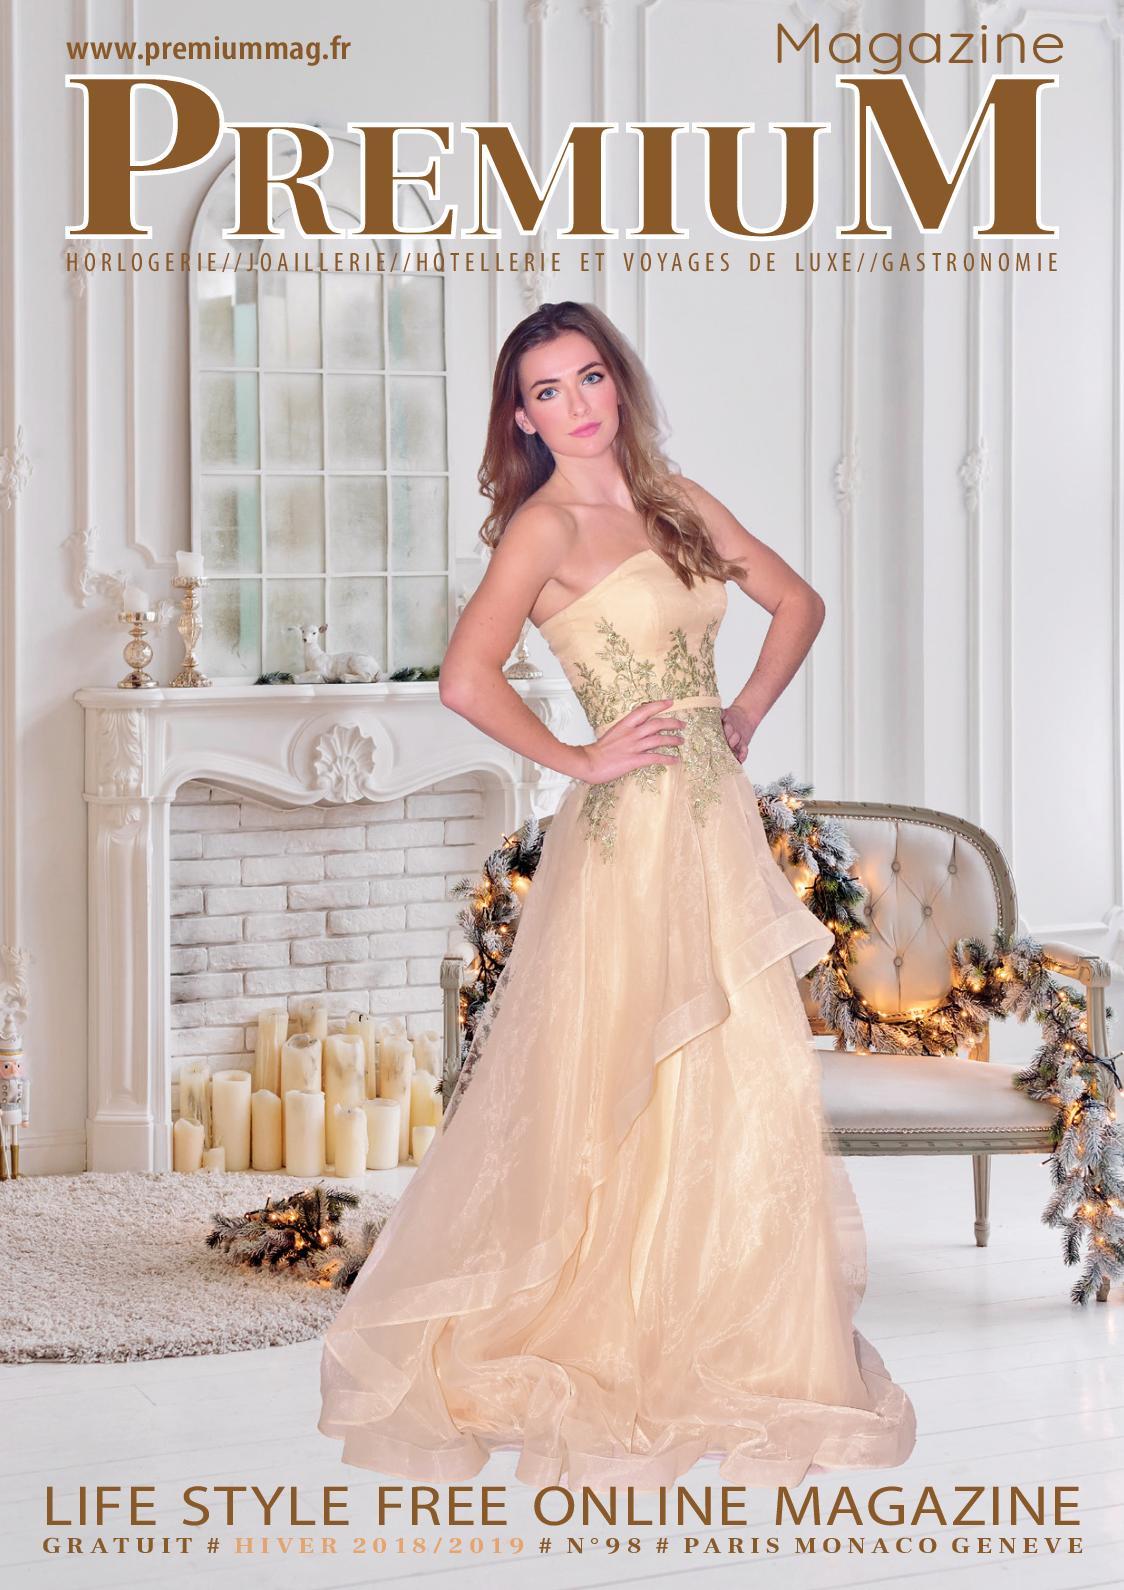 Magazine Premium Premium Hiver Calaméo Calaméo Magazine 201819 qUpSzGMV